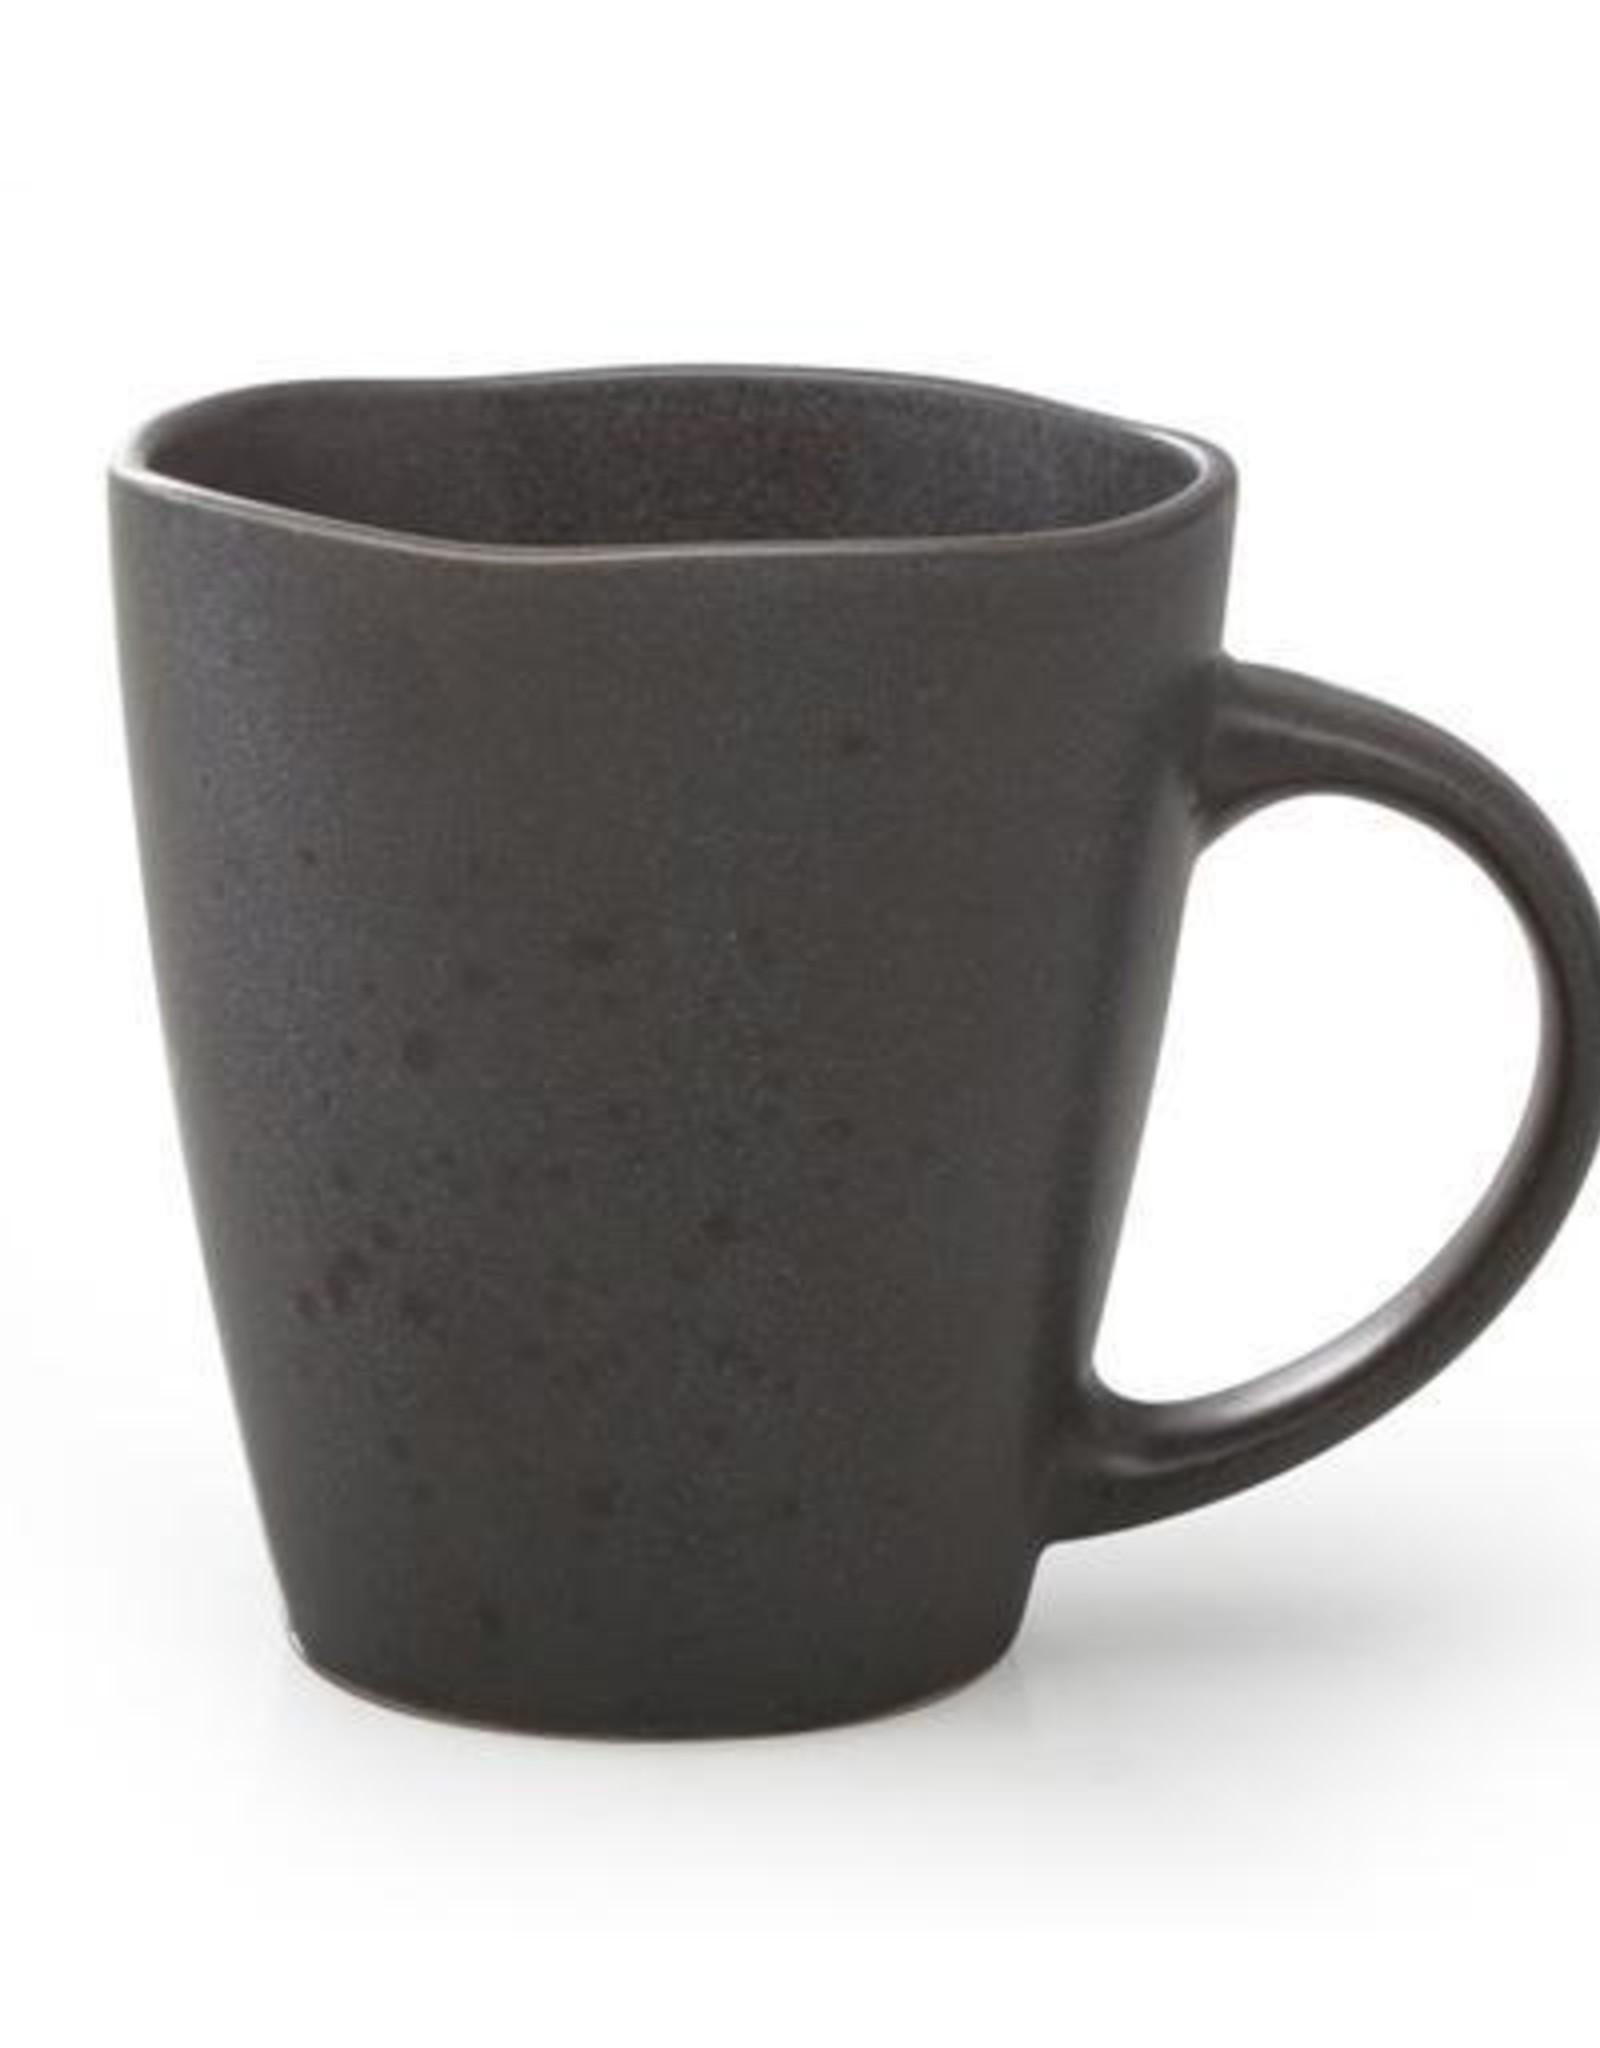 Bia Organic Mug, 12oz Grey